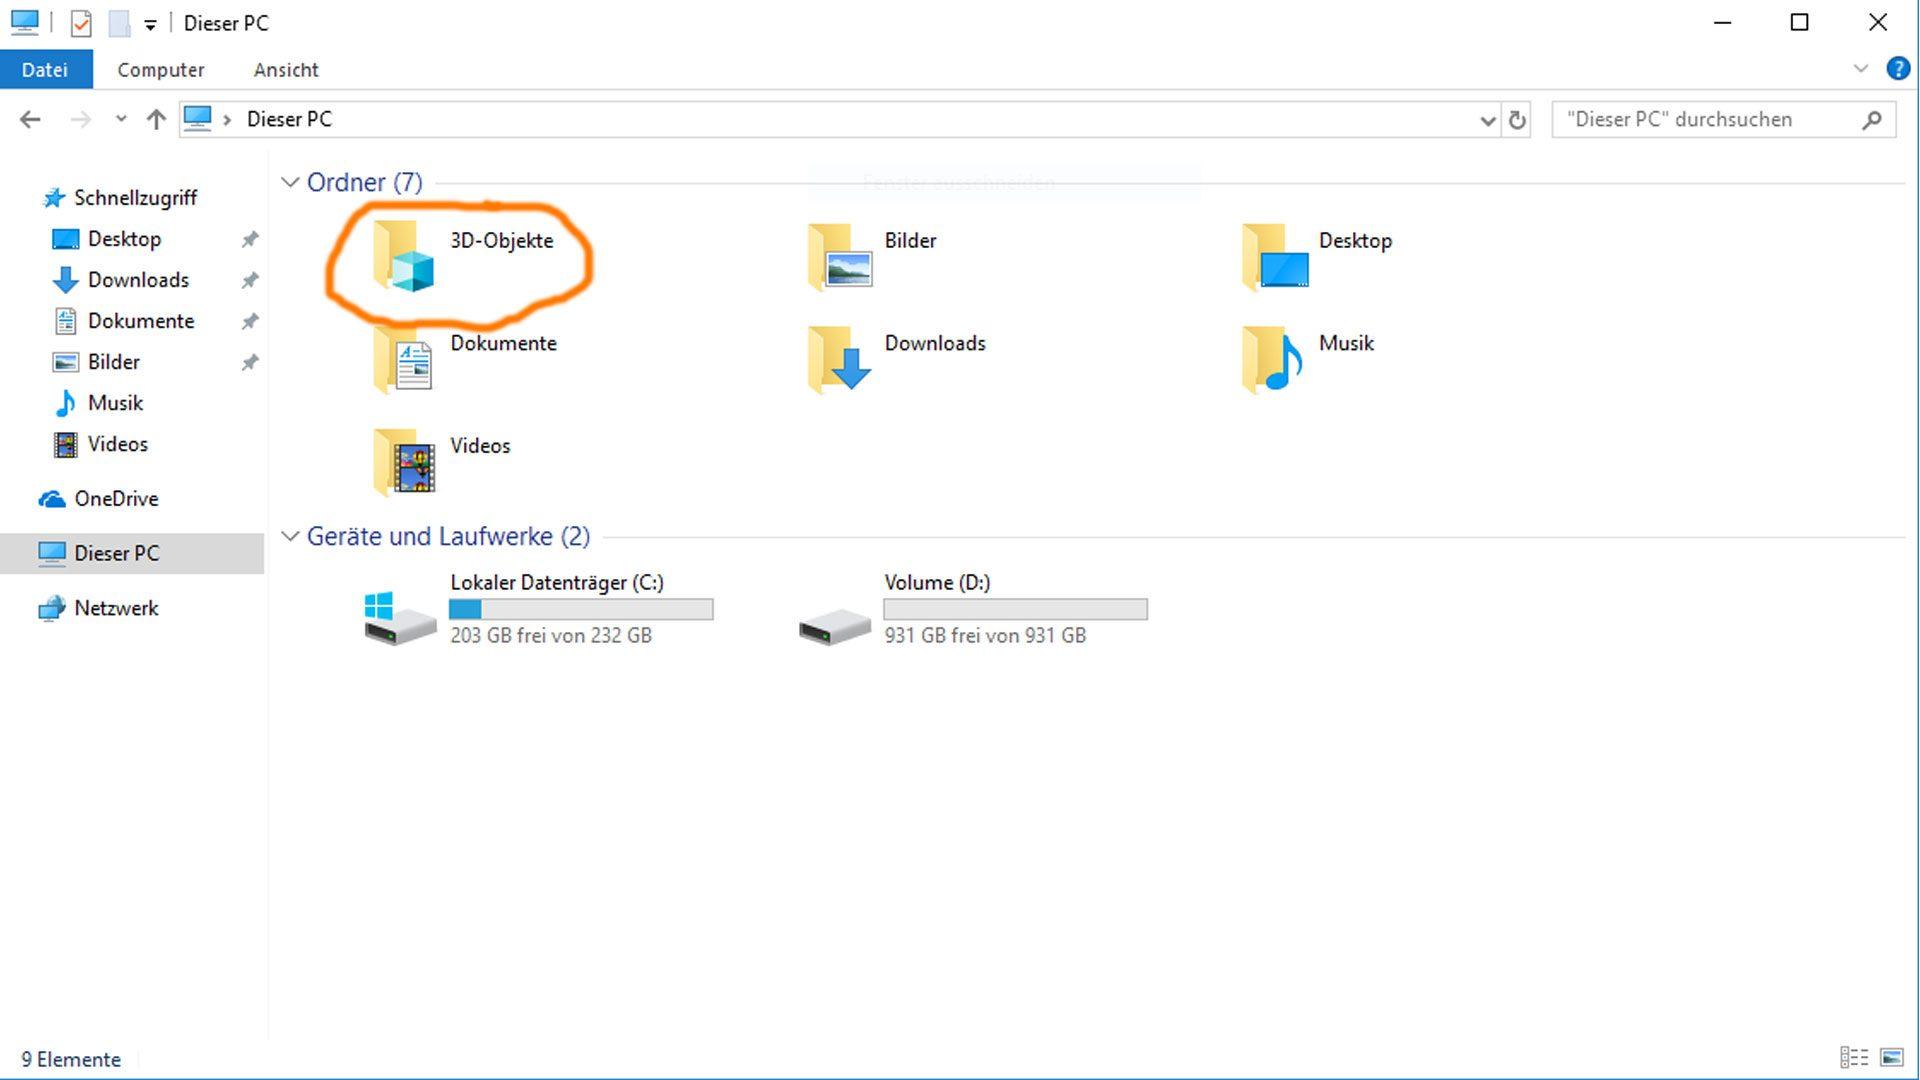 Bei den Dateien findet ihr nun einen neuen Ordner für 3D-Objekte.